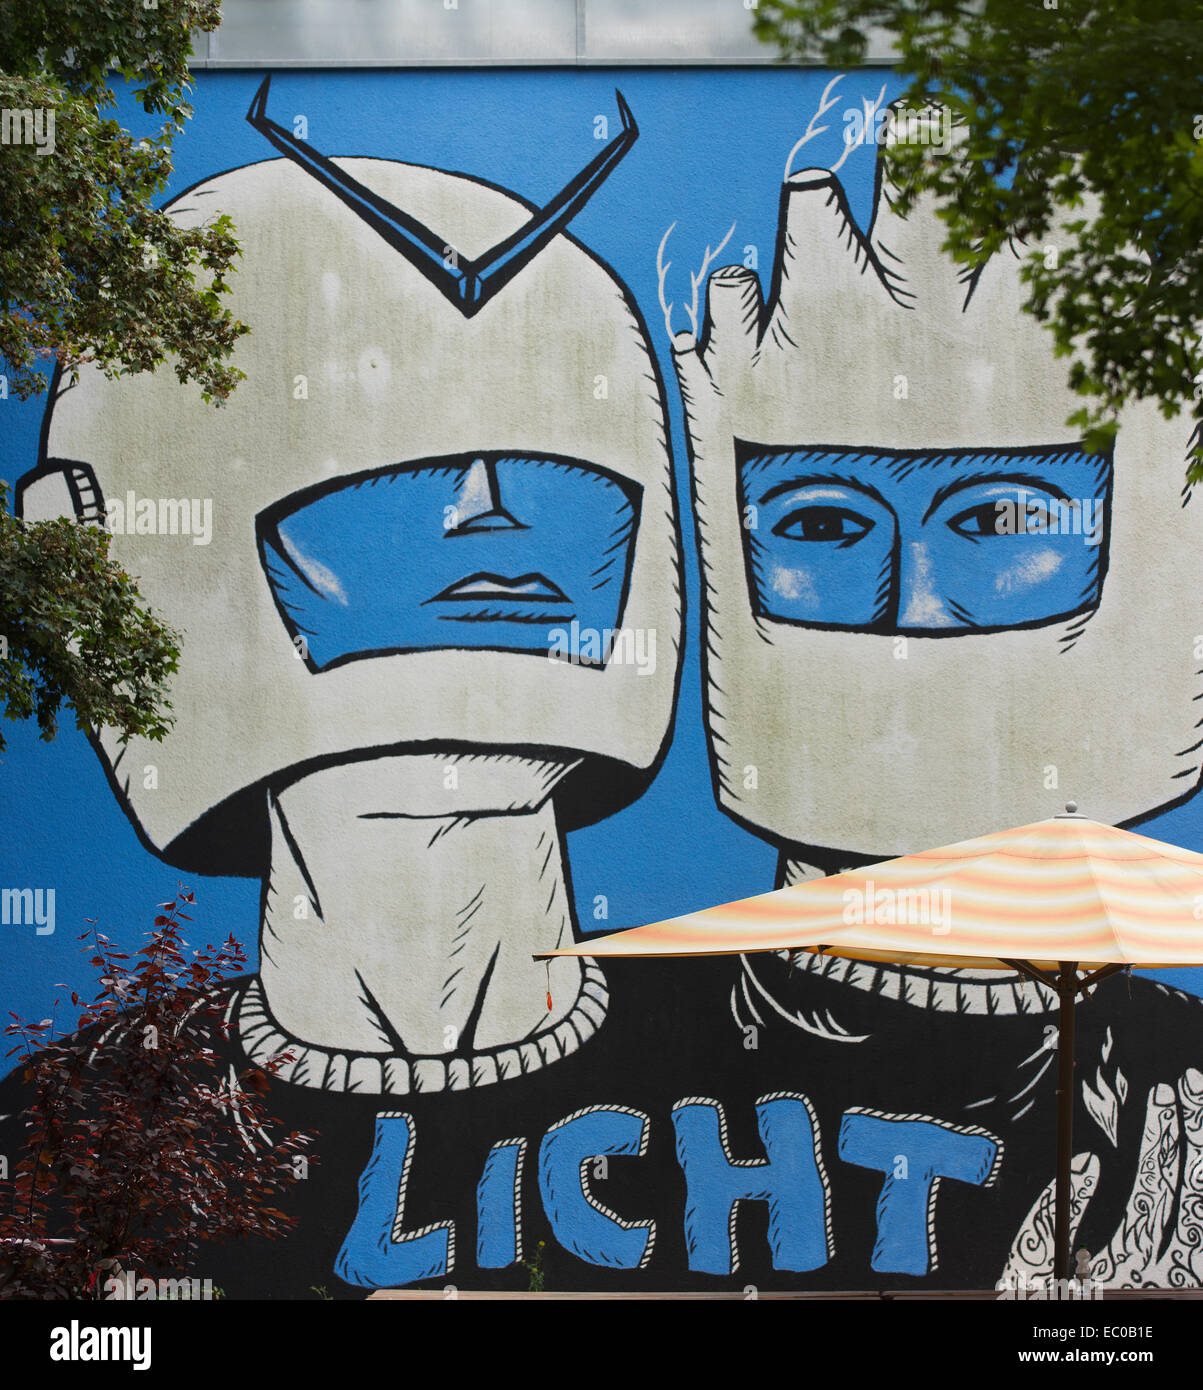 Mural entitled Licht (Light) in Berlin's Kreuzberg. - Stock Image